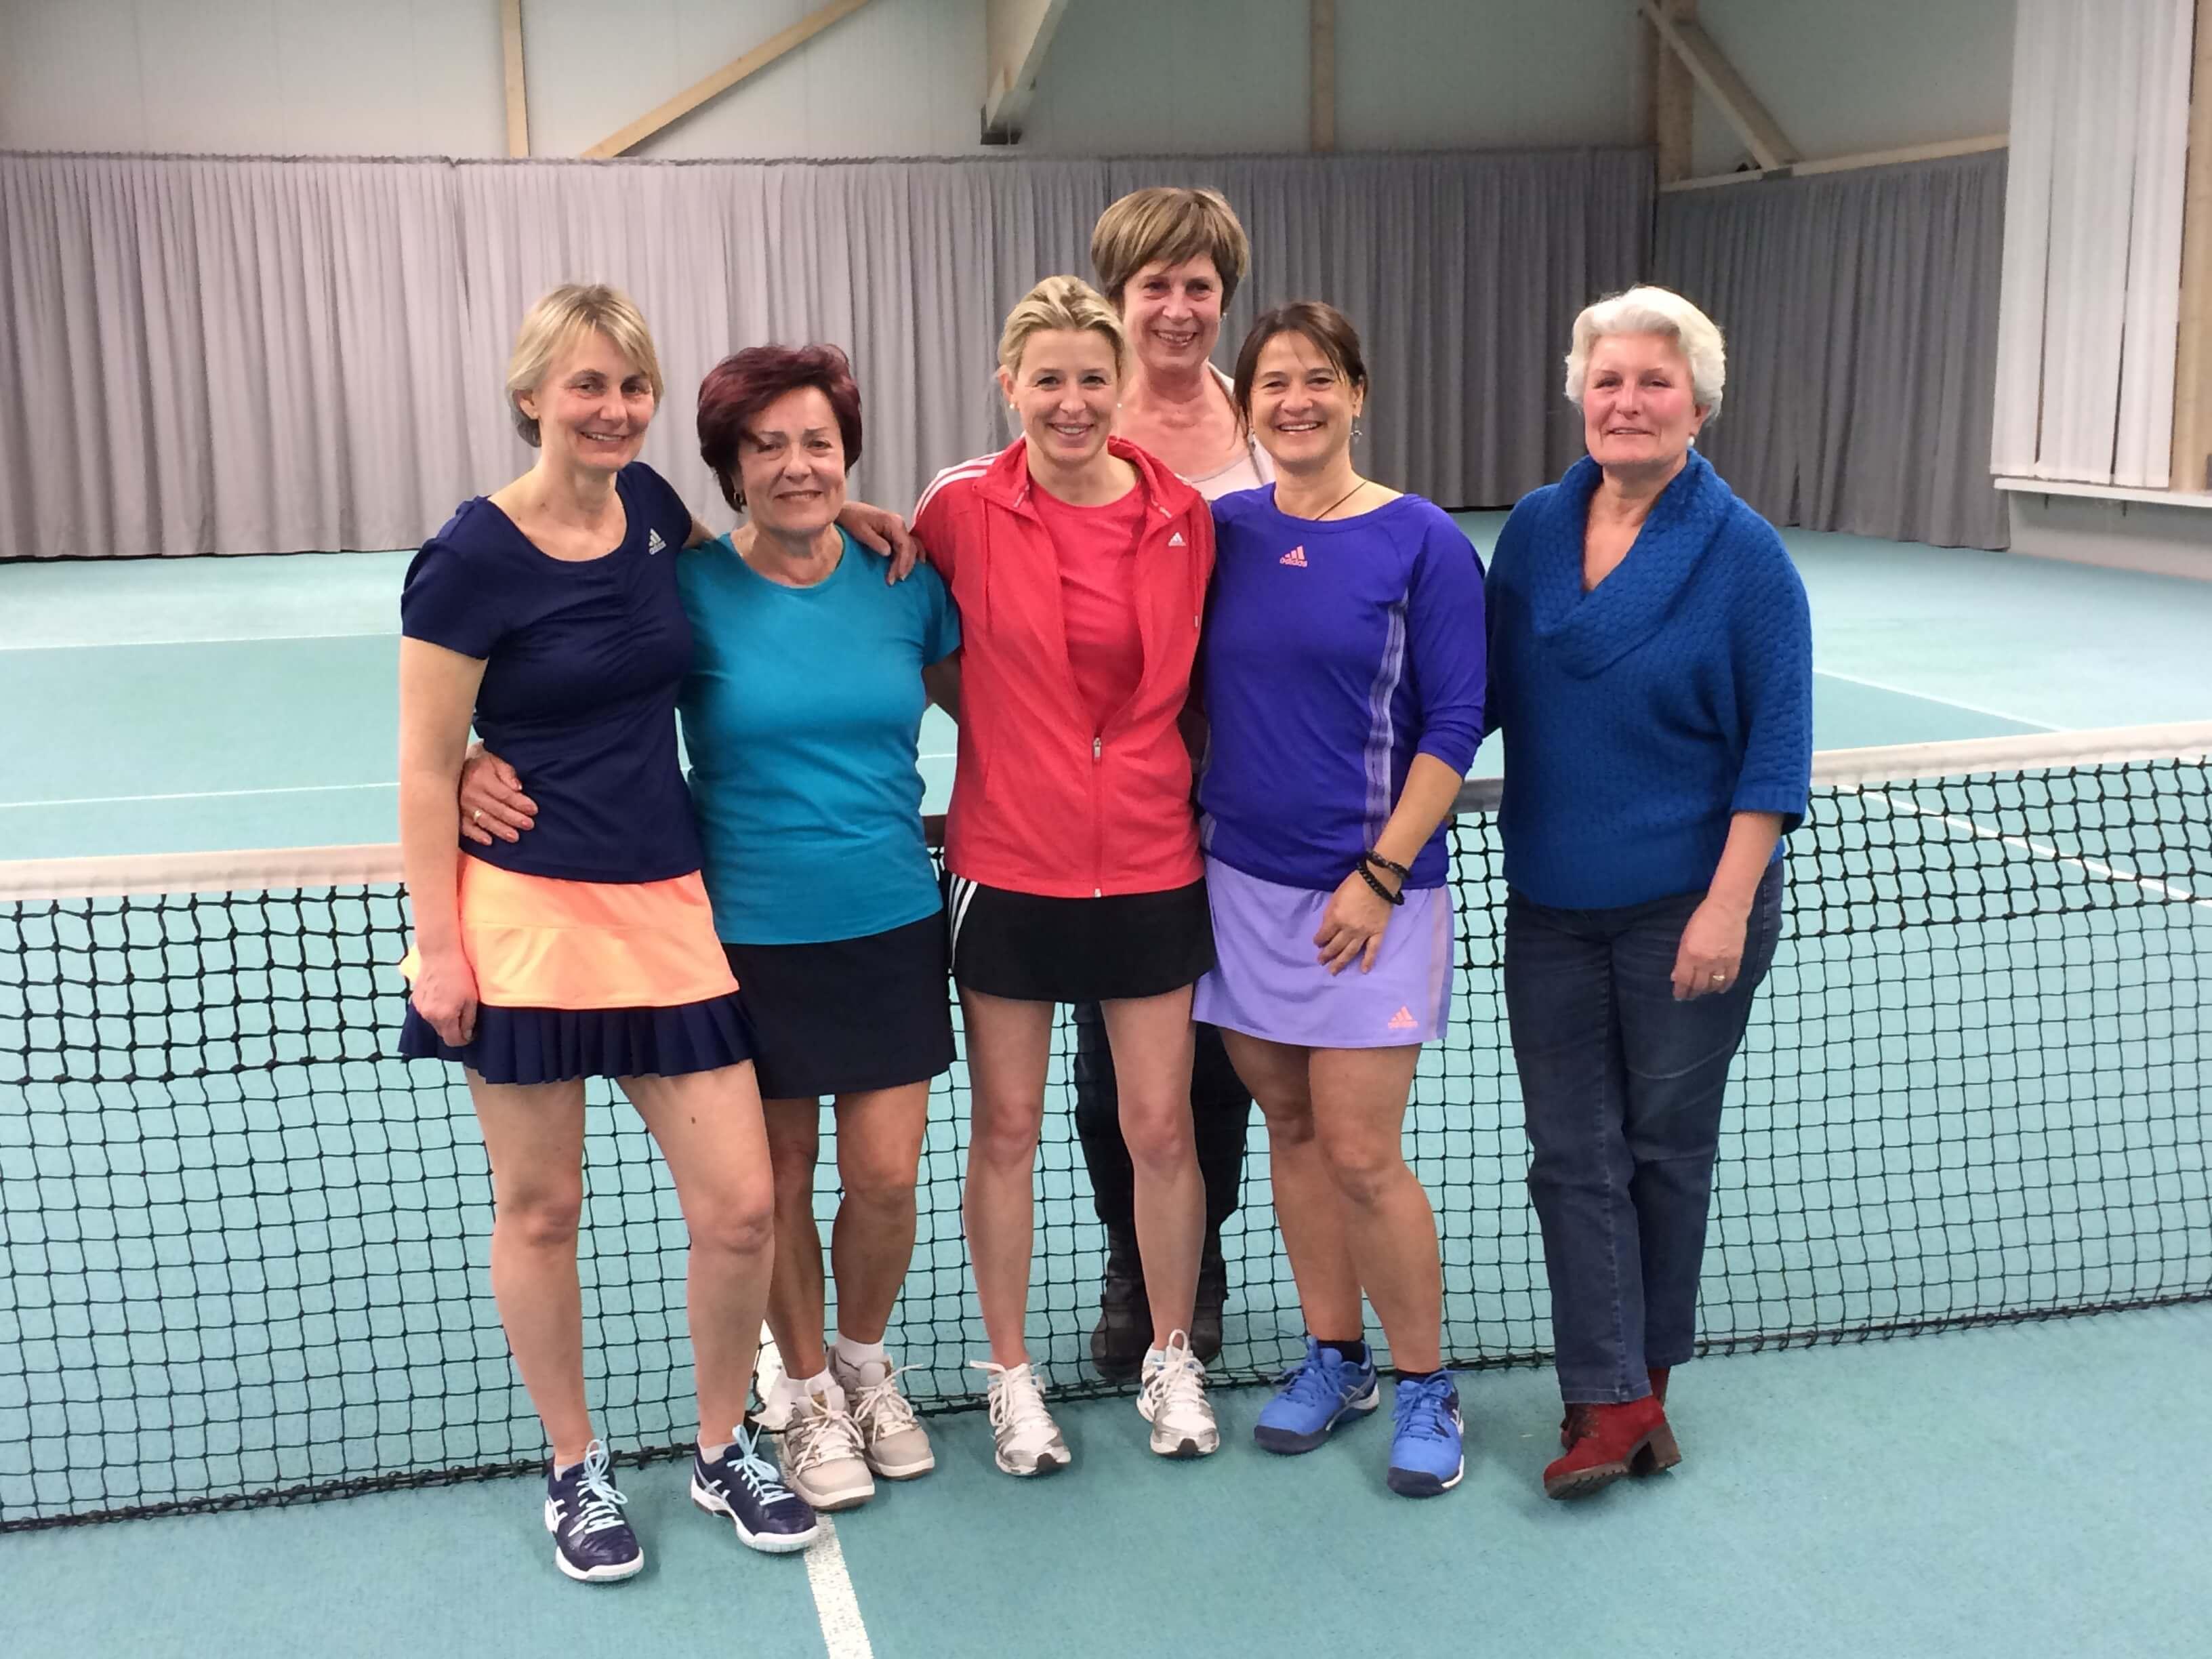 Erstes Turnier der Damen 40 in der Landesliga - eine klare Niederlage